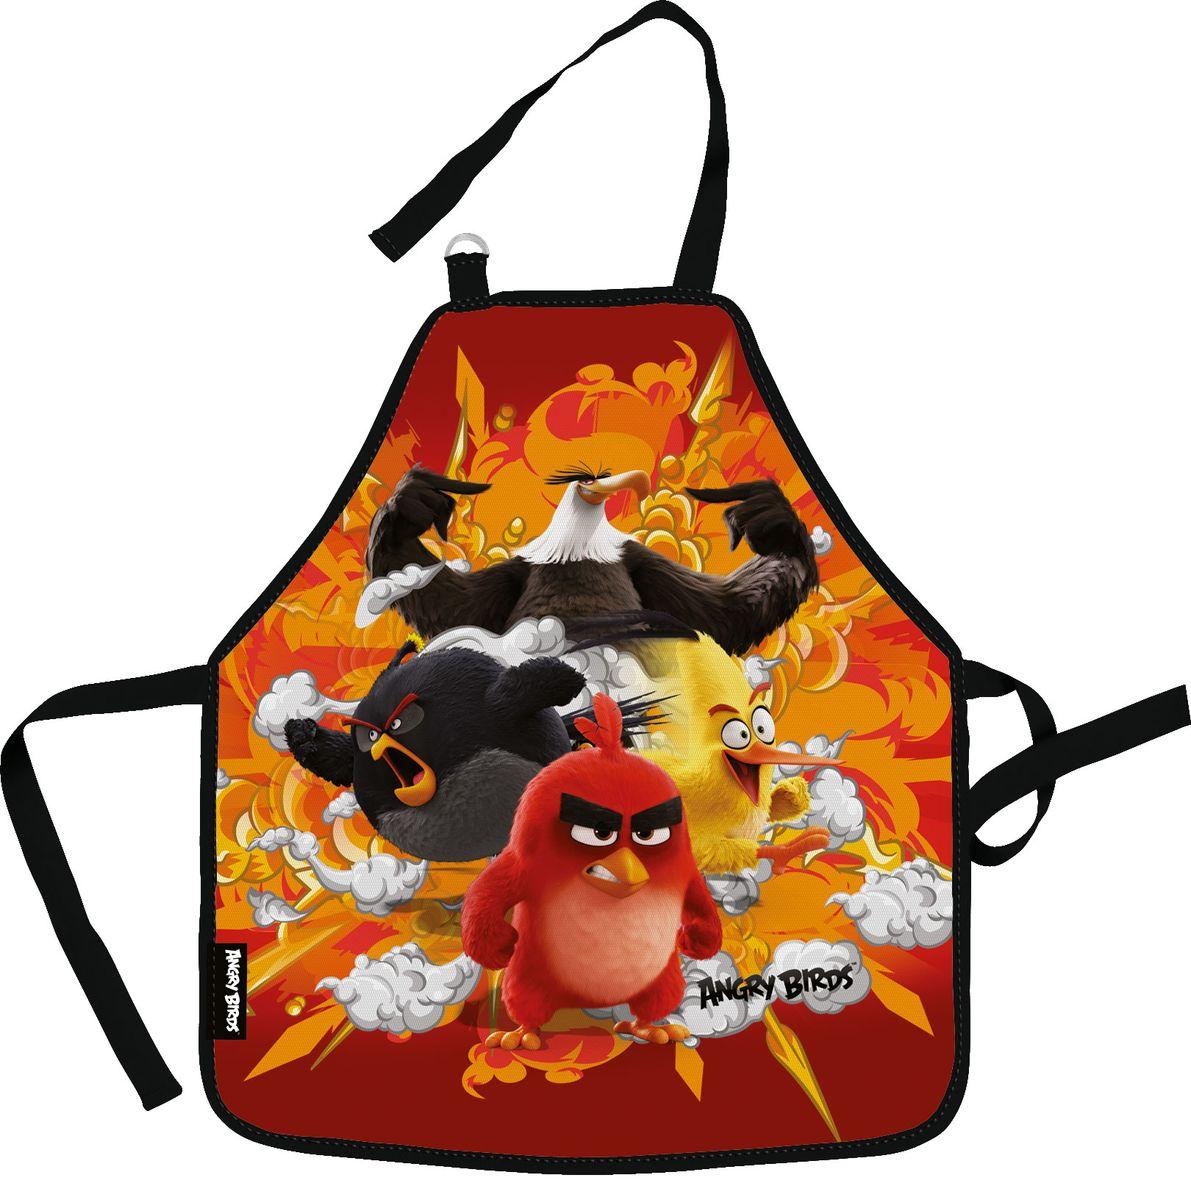 Angry Birds Movie Фартук для труда цвет красный оранжевый черныйNFn_04188Фартук Angry Birds Movie поможет вашему ребенку не испачкать свою одежду во время занятий творчеством и на уроках труда. Изделие изготовлено из водостойкого материала. Удобные завязки помогут зафиксировать фартук на шее и талии в нужных положениях.